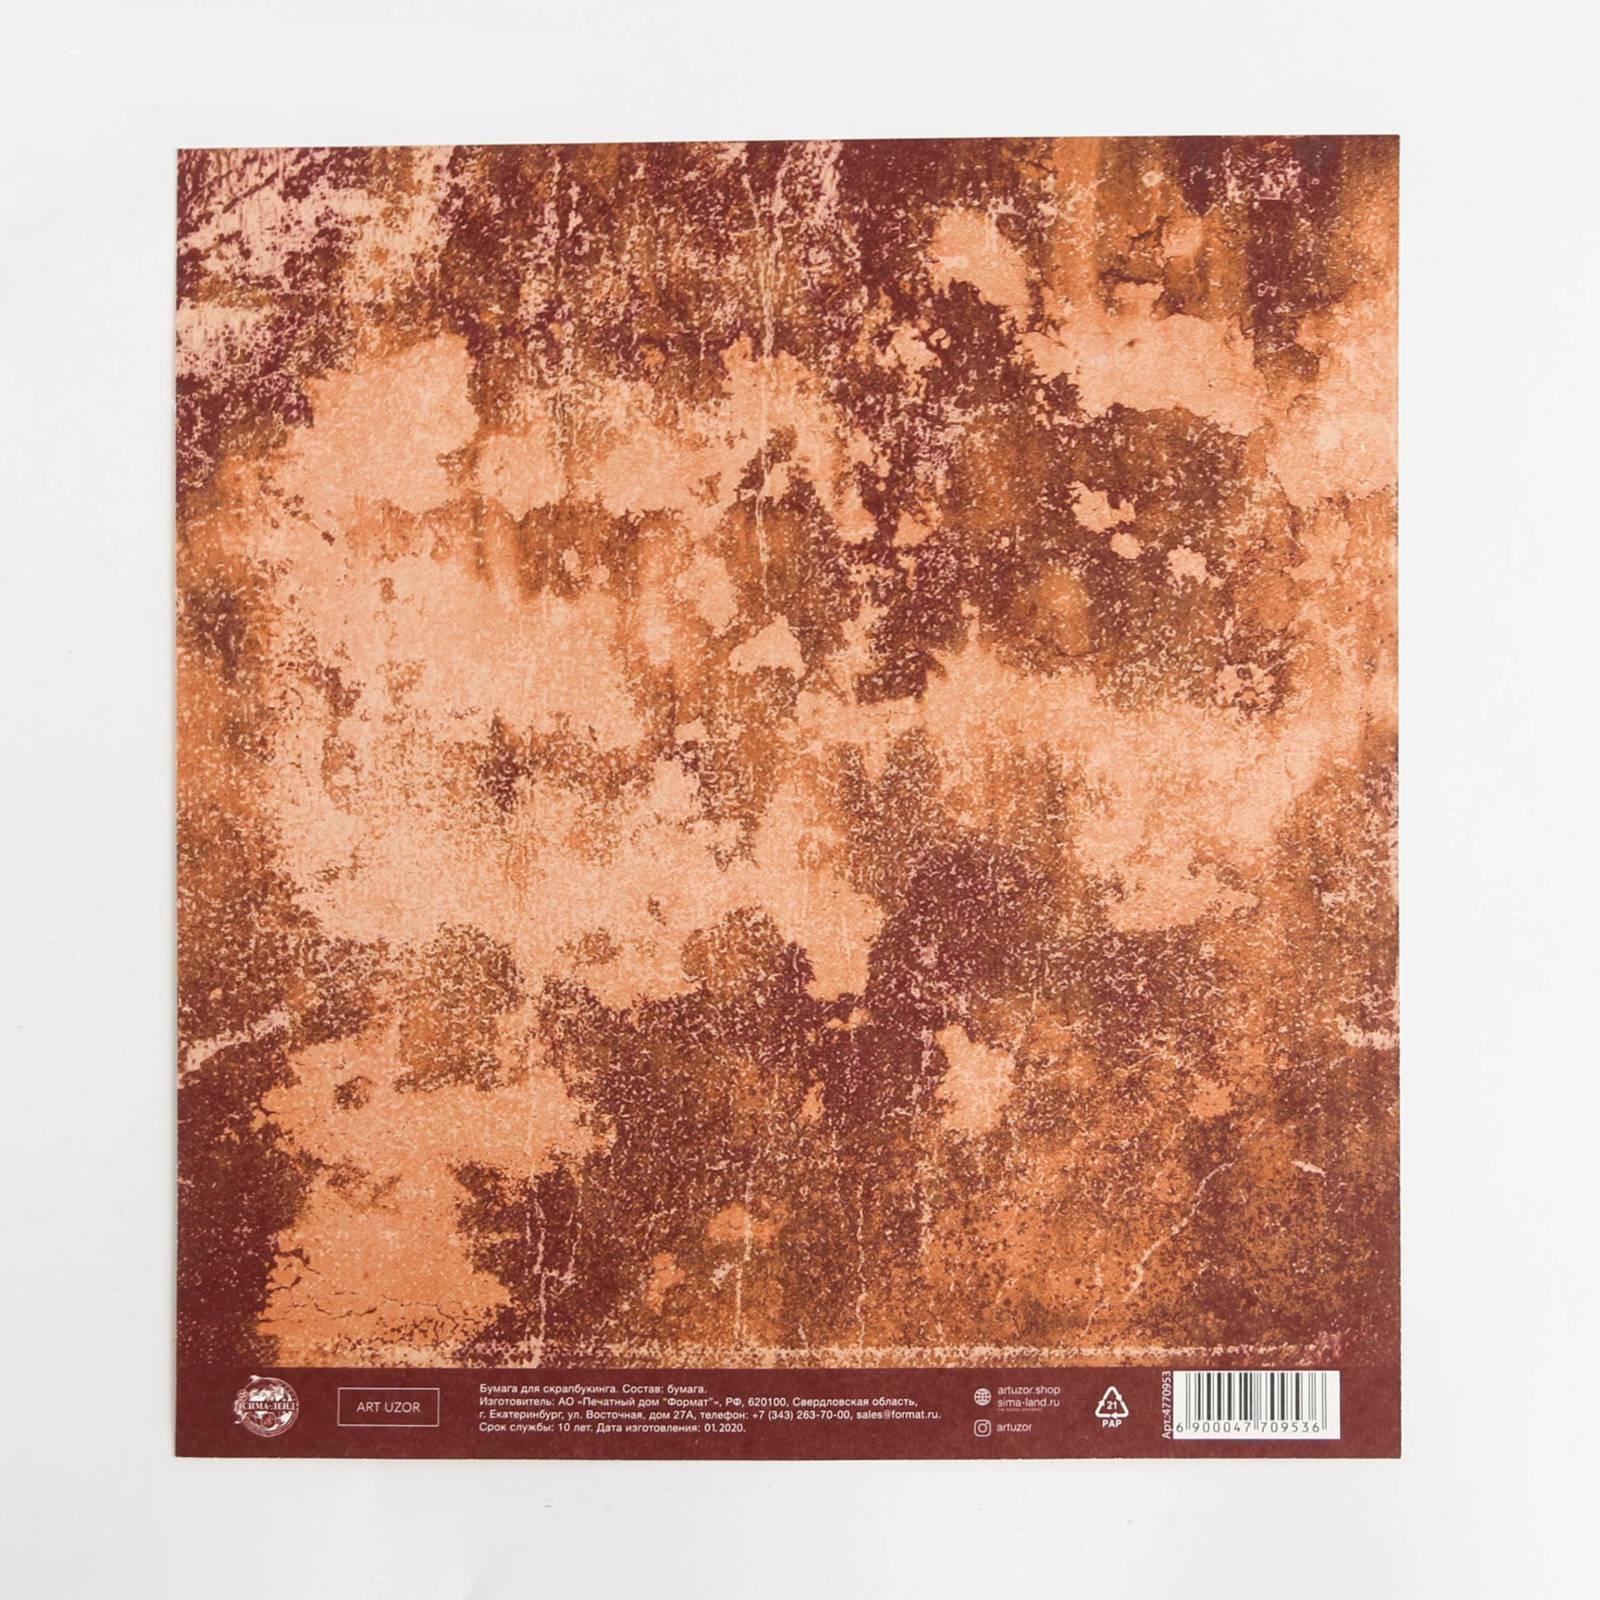 Бумага для скрапбукинга, Восстание машин, 20×21,5 см, 180 г/м, АртУзор